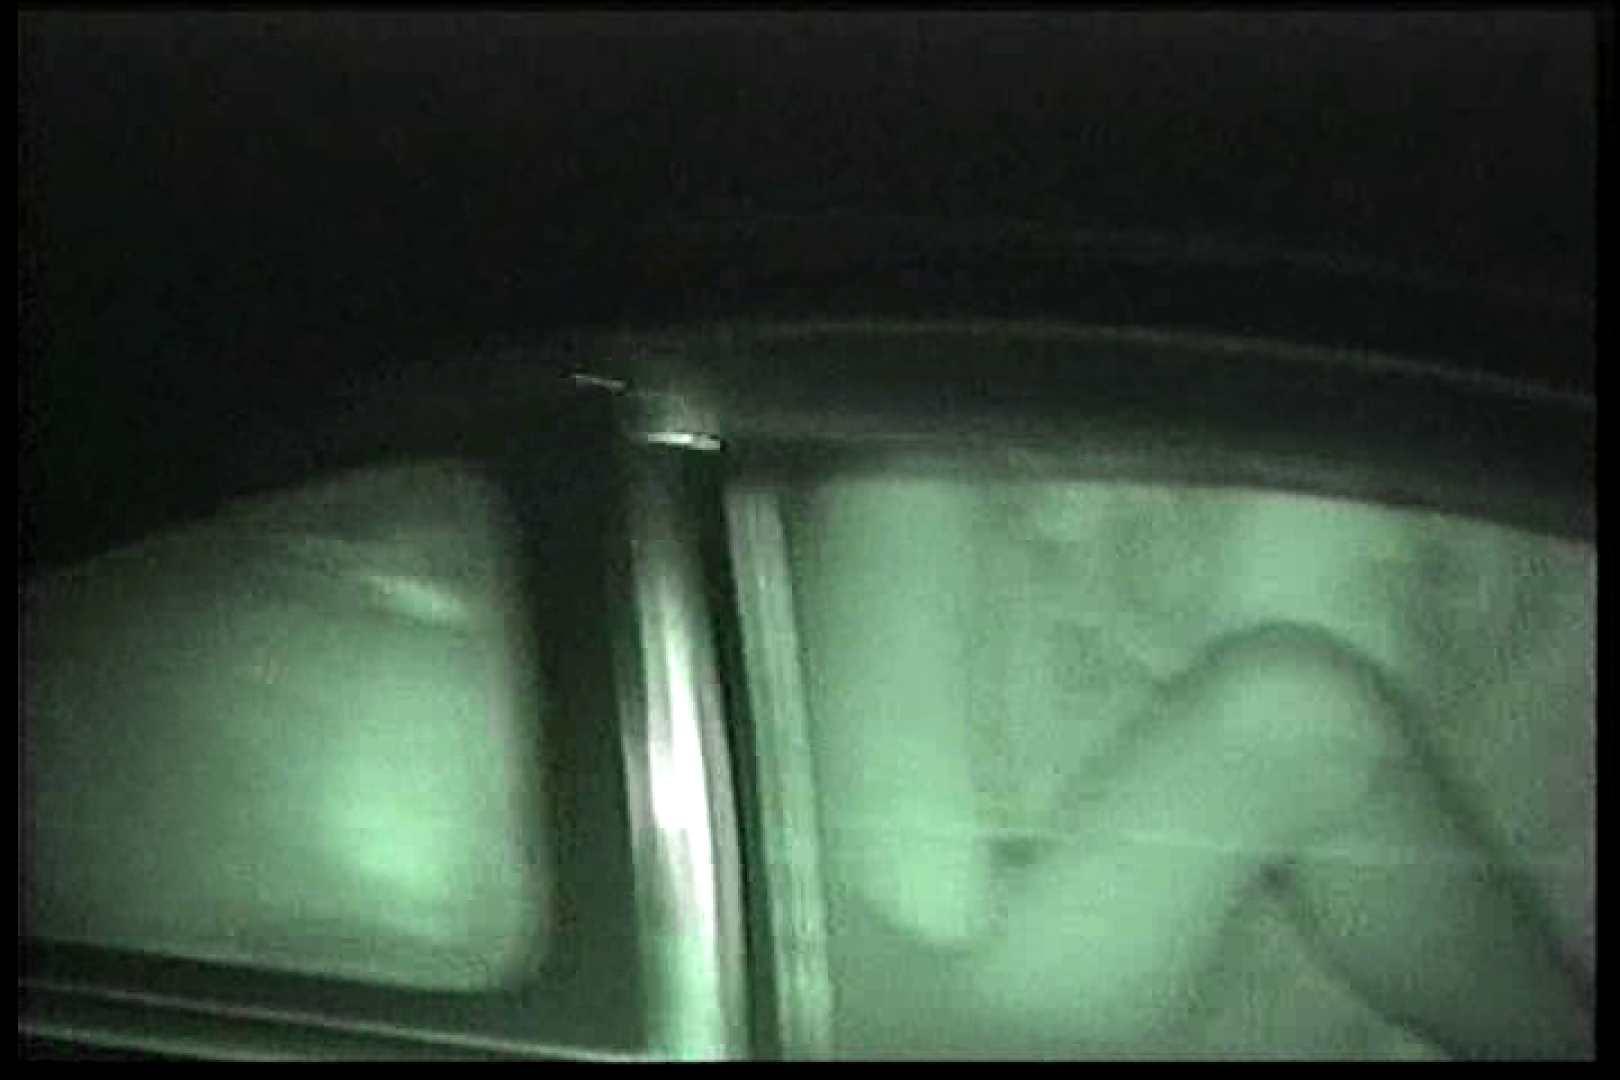 車の中はラブホテル 無修正版  Vol.11 ホテル スケベ動画紹介 86画像 76